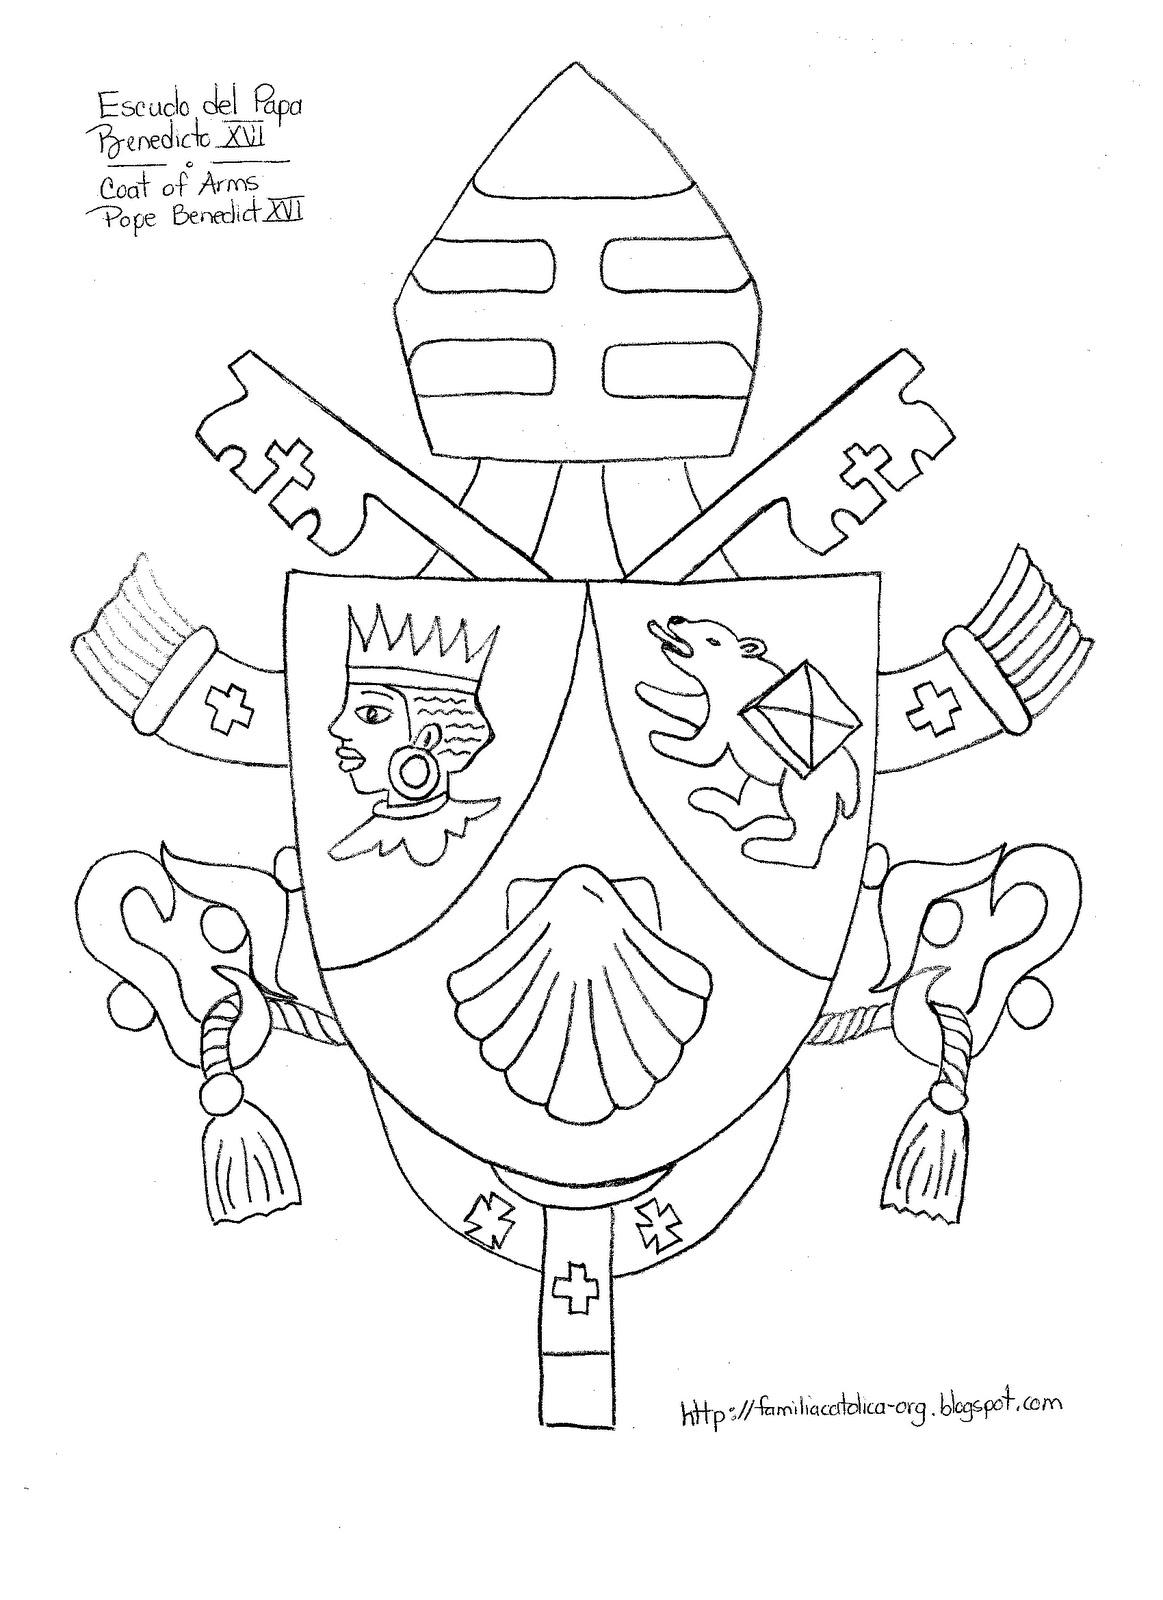 Familia Católica: Escudo del Papa Benedicto XVI para colorear